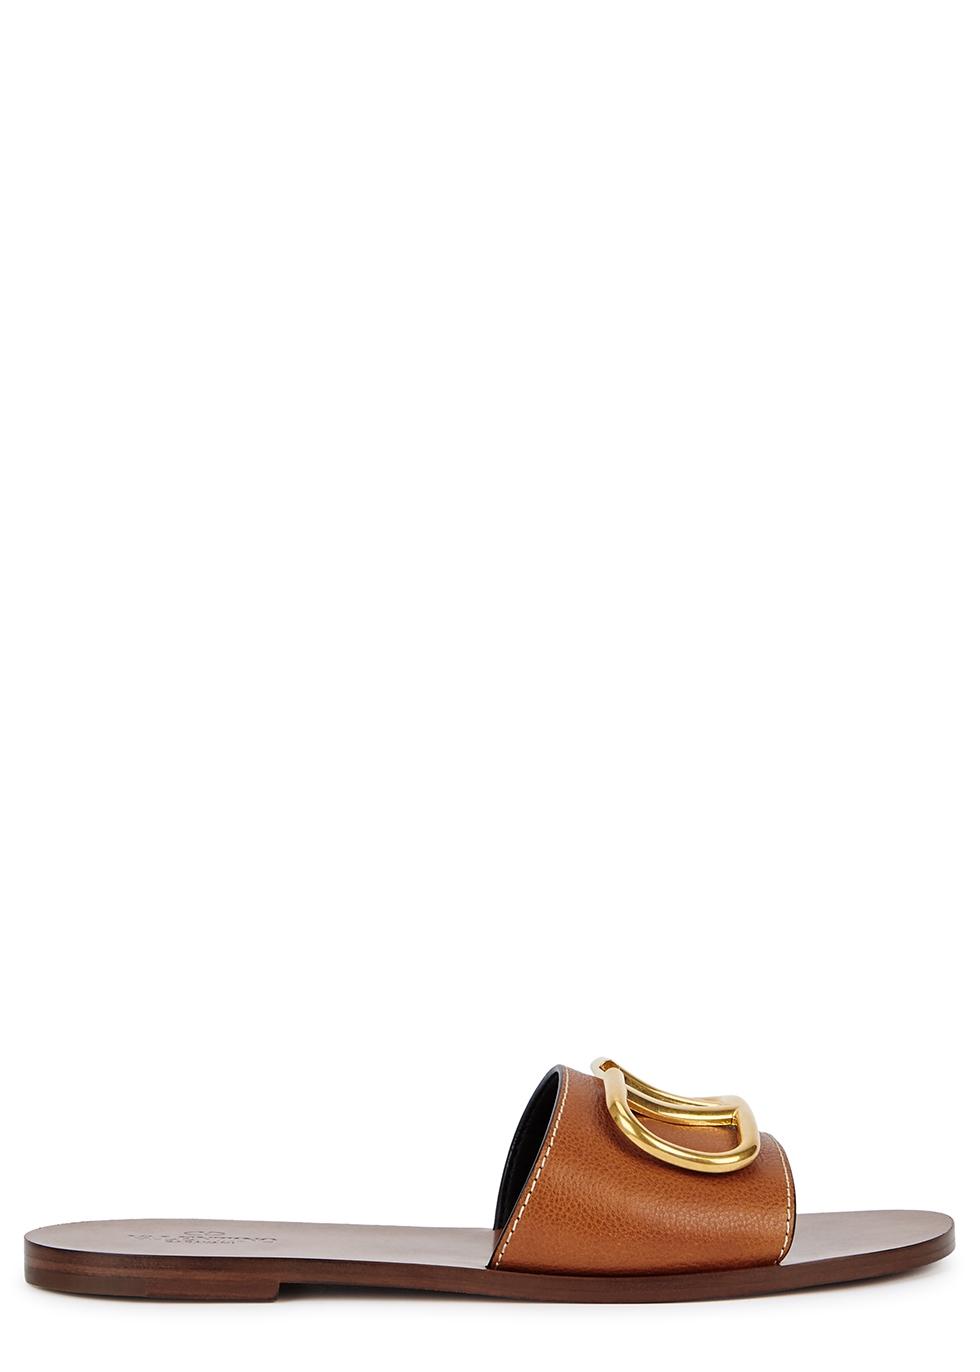 Designer Slider Shoes - Harvey Nichols